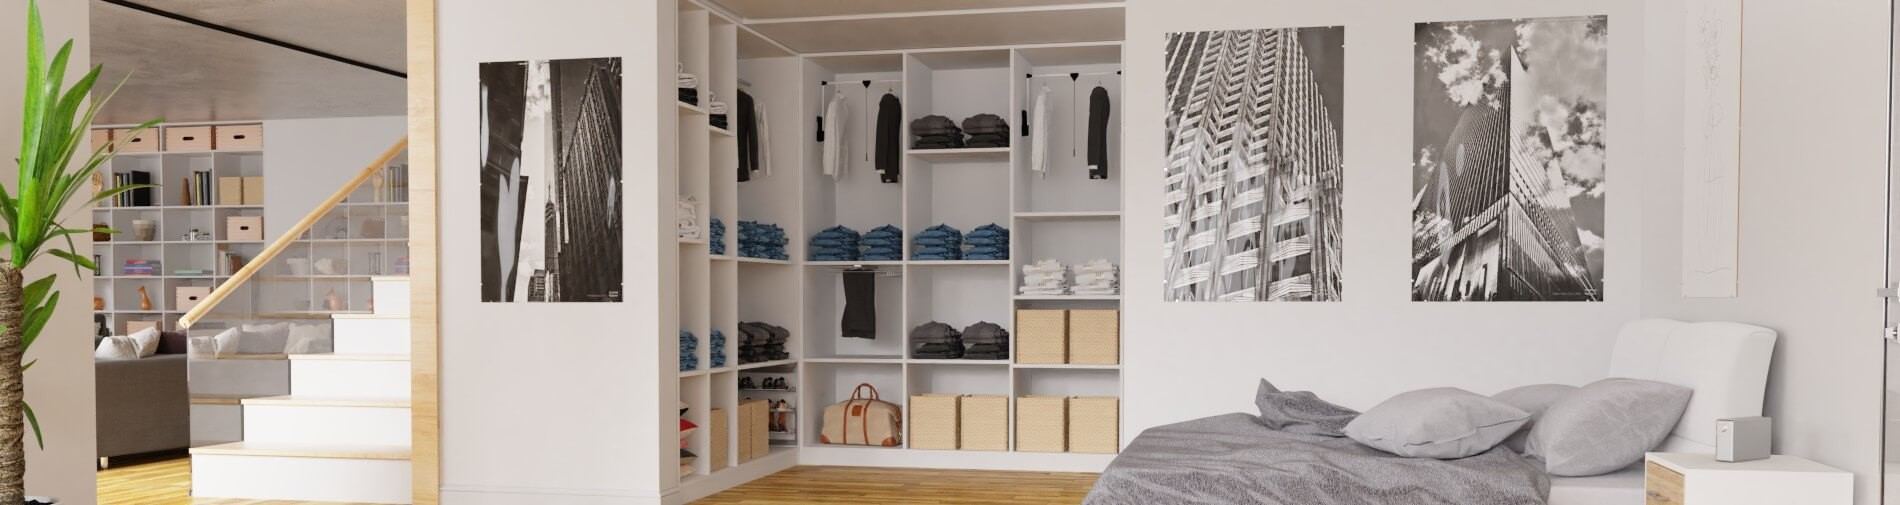 Maßgefertigten Schlafzimmerschrank konfigurieren ...